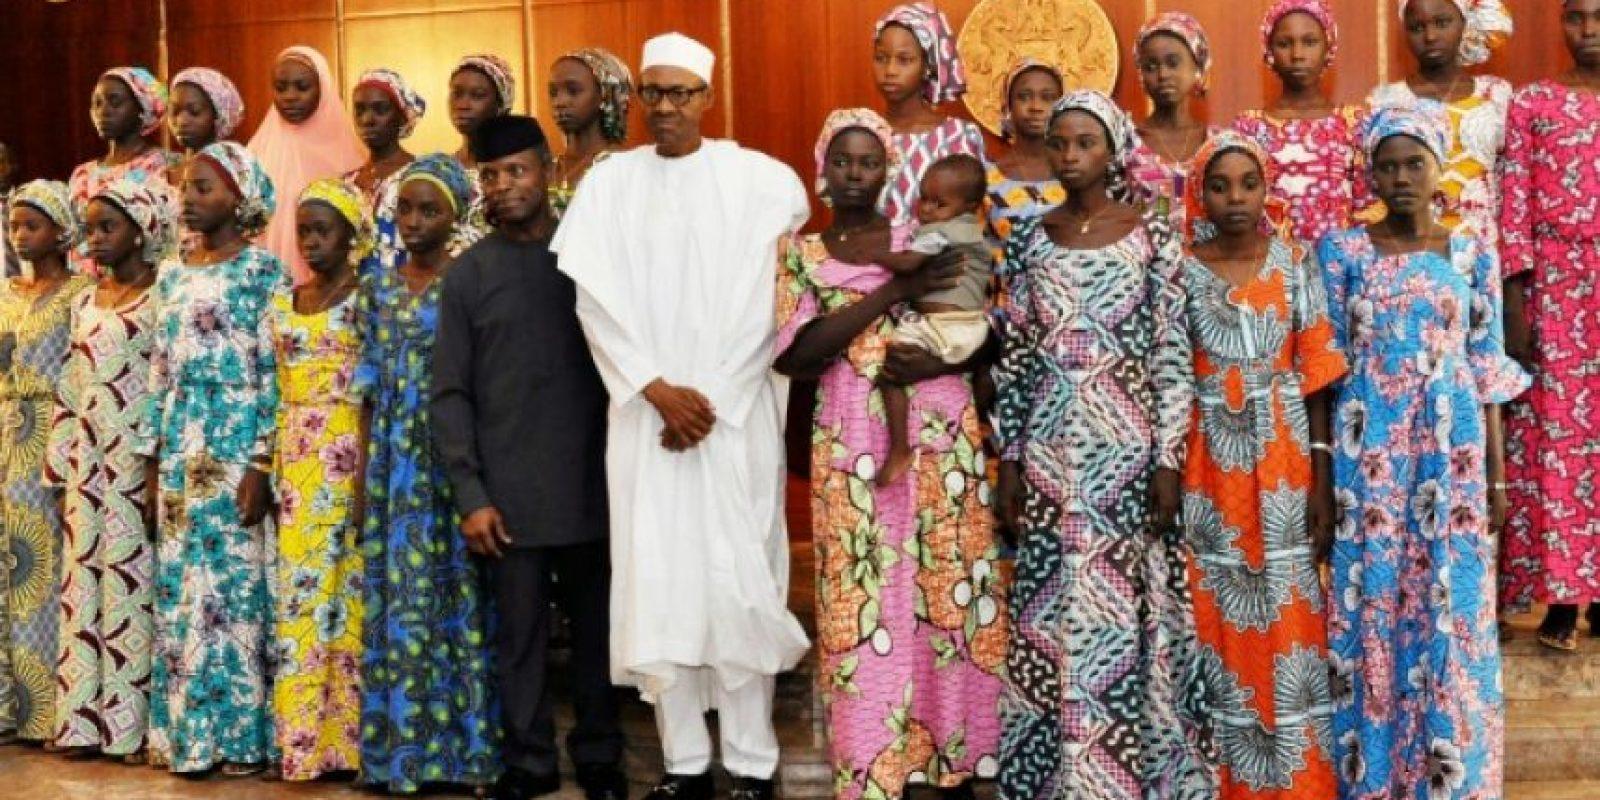 El presidente nigeriano Muhammadu Buhari (C) posa el 19 de octubre de 2016 con las 21 chicas Chibok que fueron liberadas por Boko Haram la semana pasada tras largo cautiverio, en la casa de gobiernol en Abuja, Nigeria. Foto:Philip OJISUA/afp.com